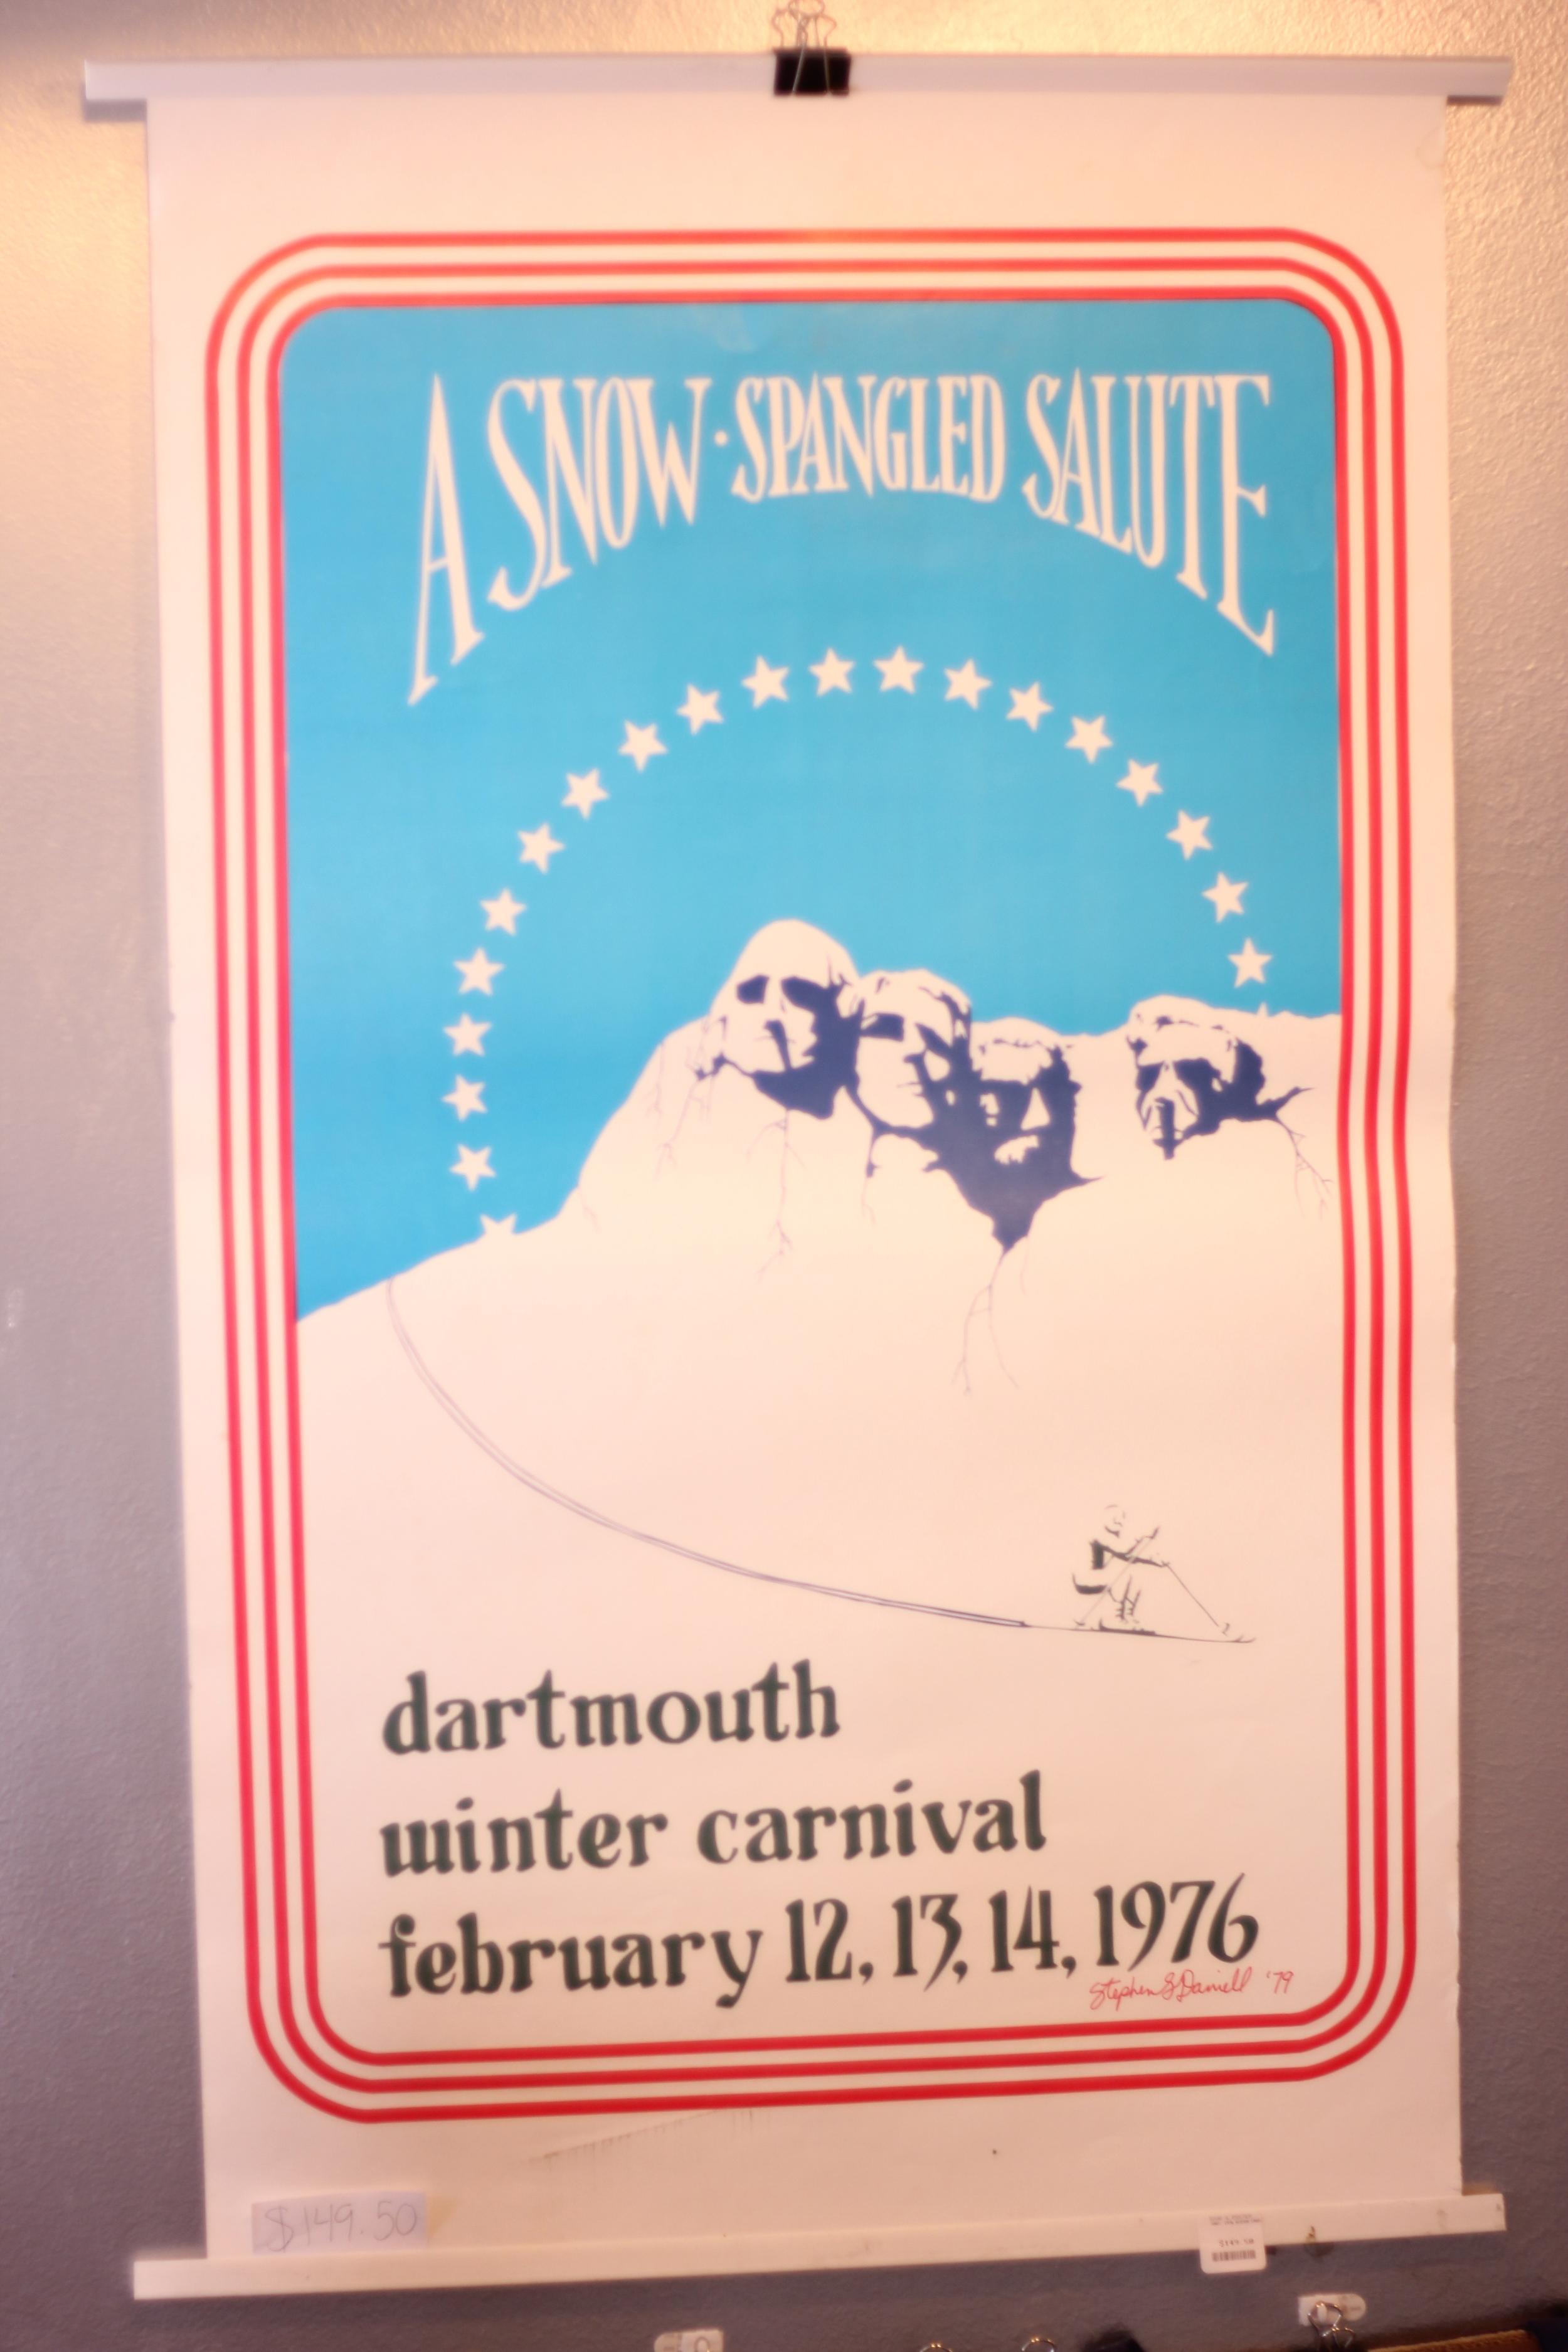 Dartmouth Winter Carnival 1976